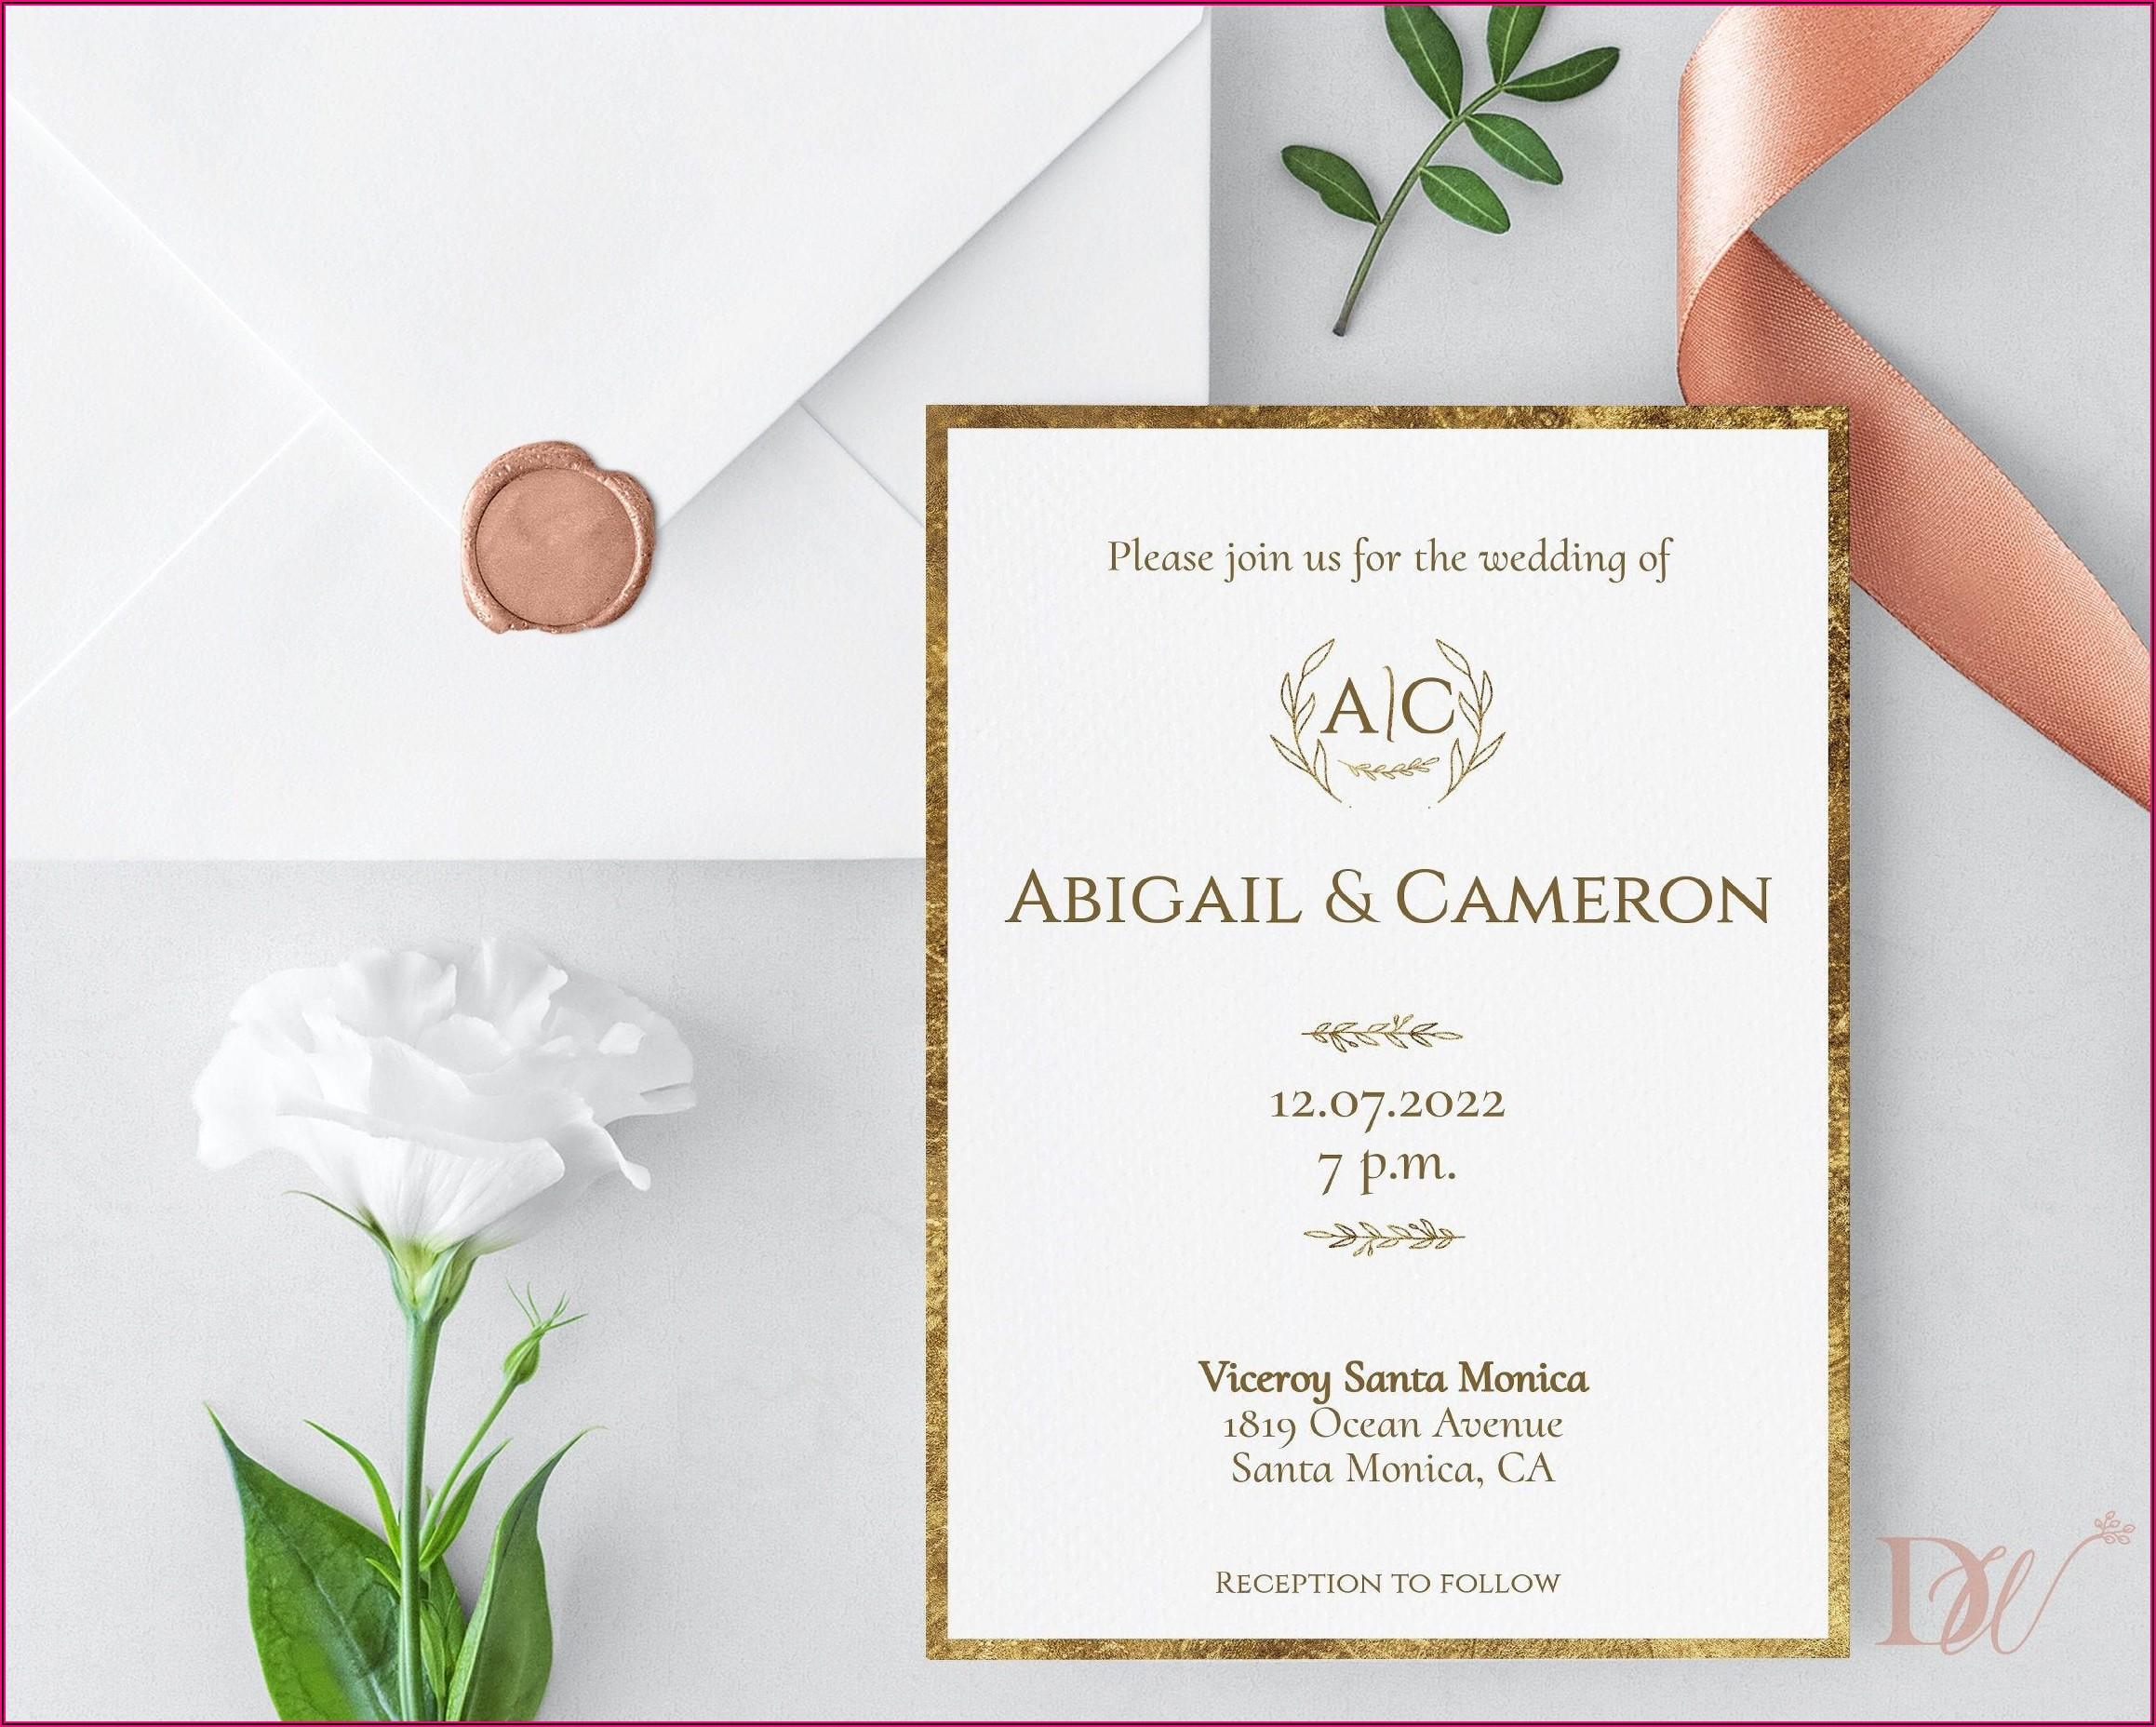 Simple And Elegant Wedding Invitations